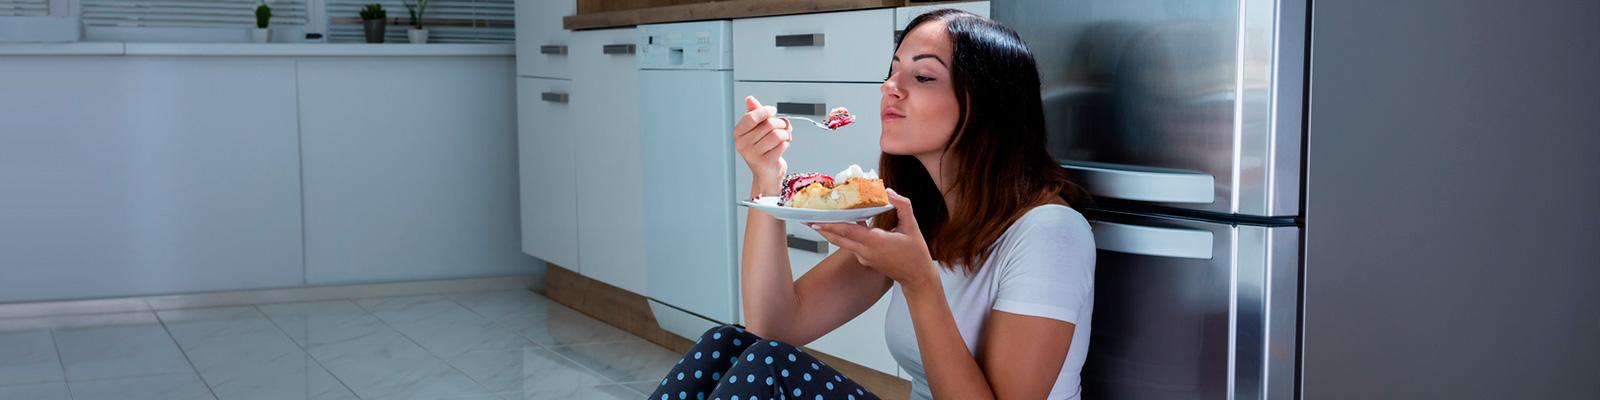 5 Trucos para comer menos por la noche – para perder peso